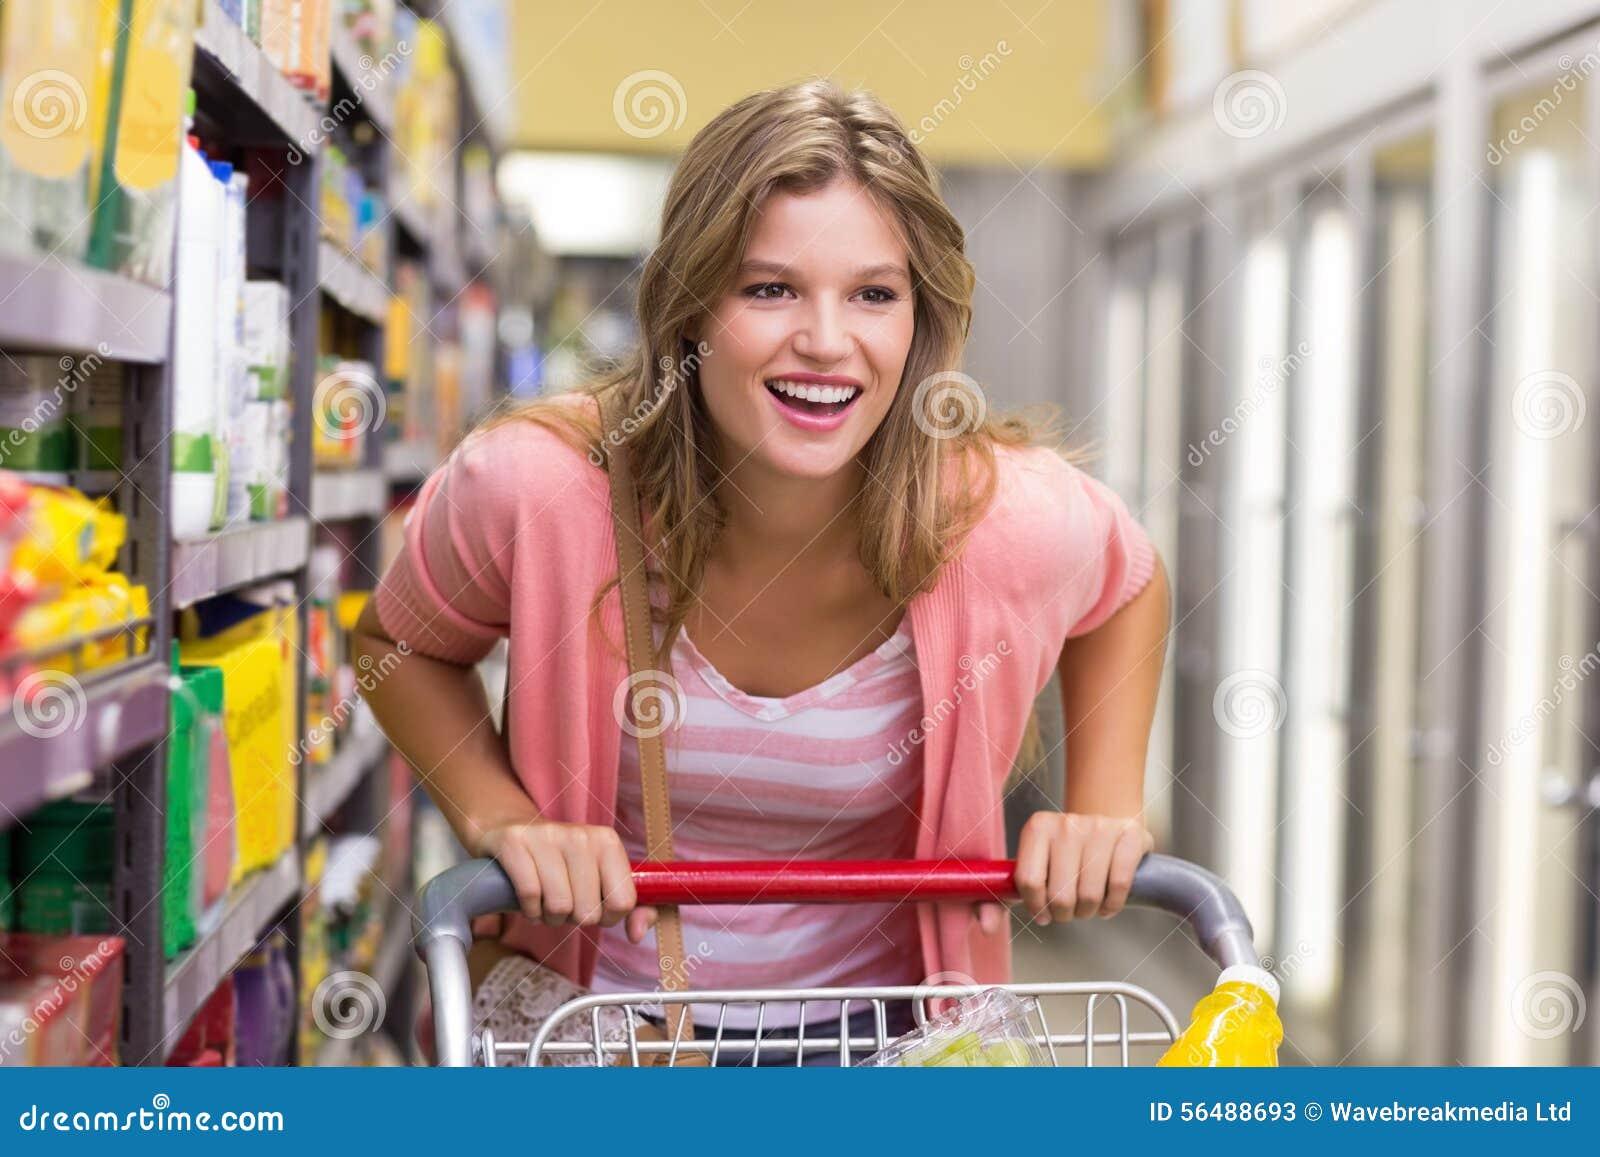 Sourire achat assez blond de femme produits